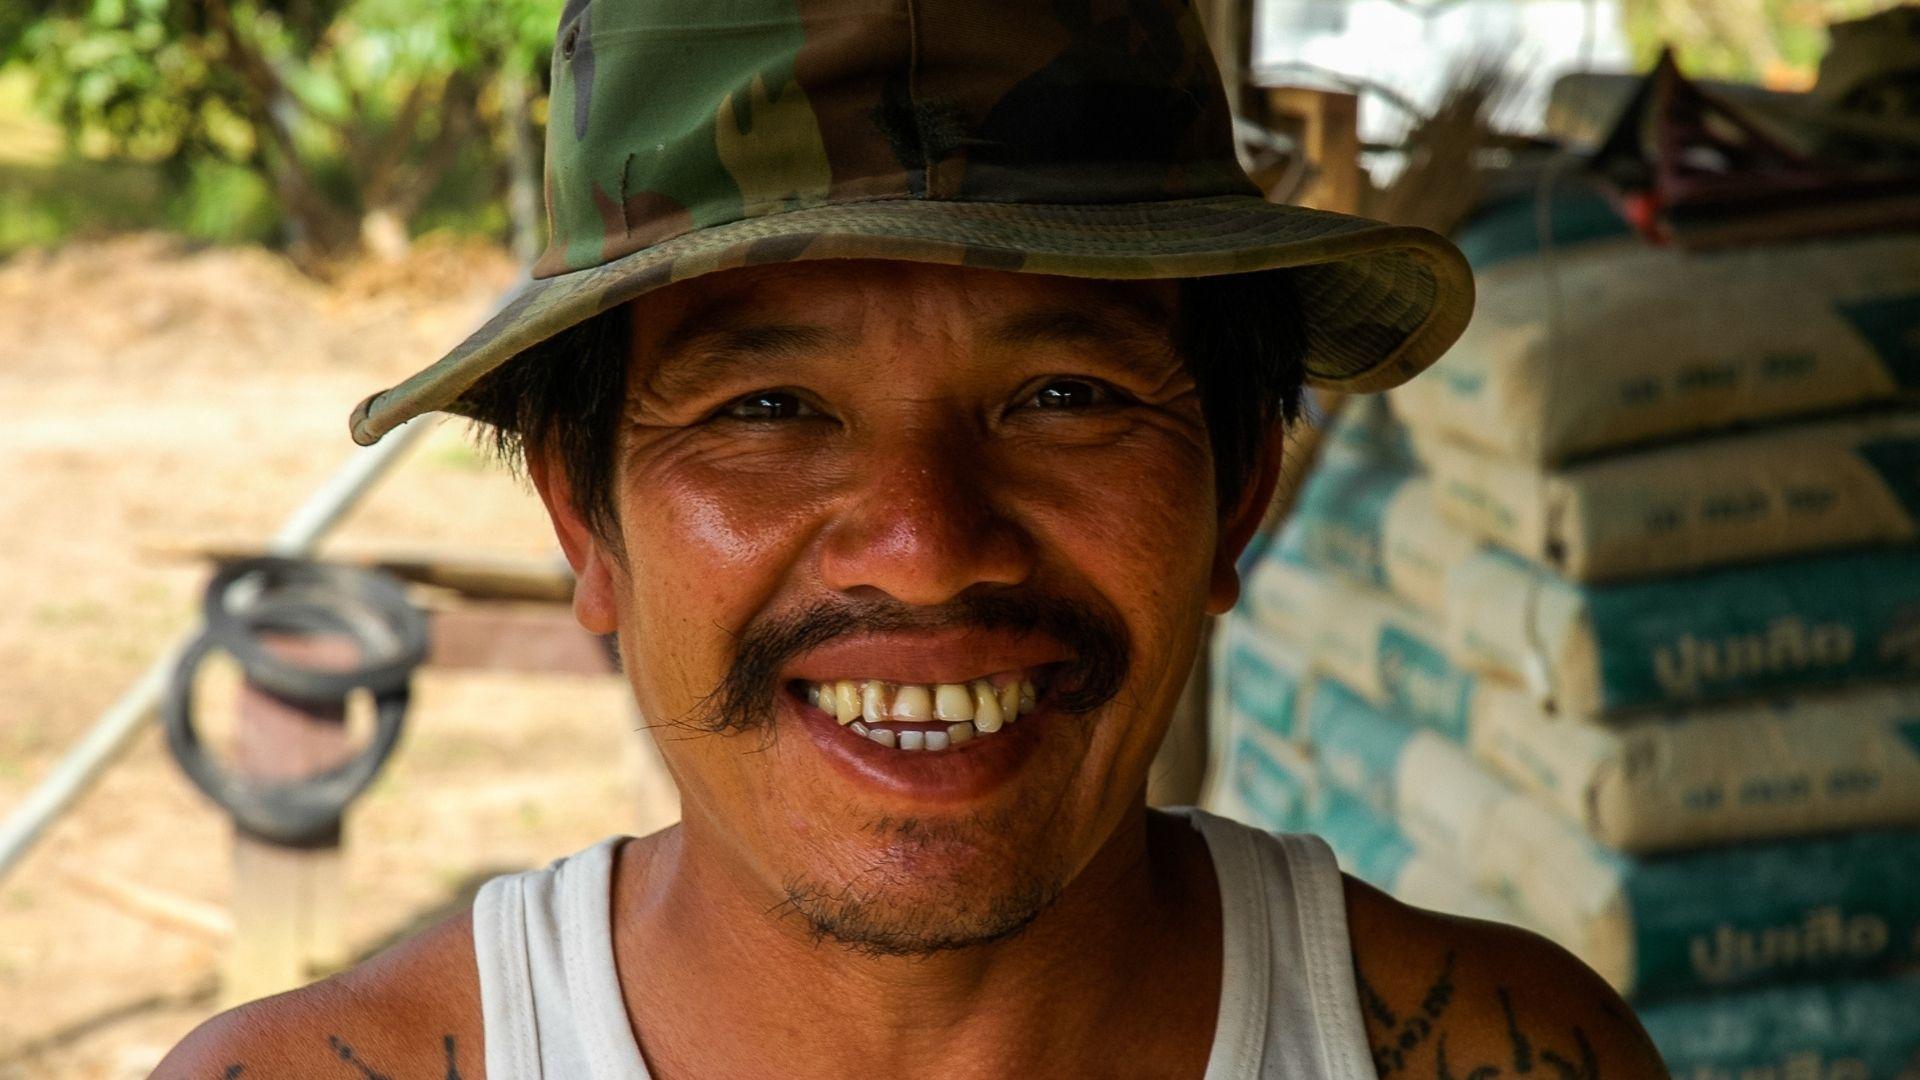 Habitantes de Koh Samui